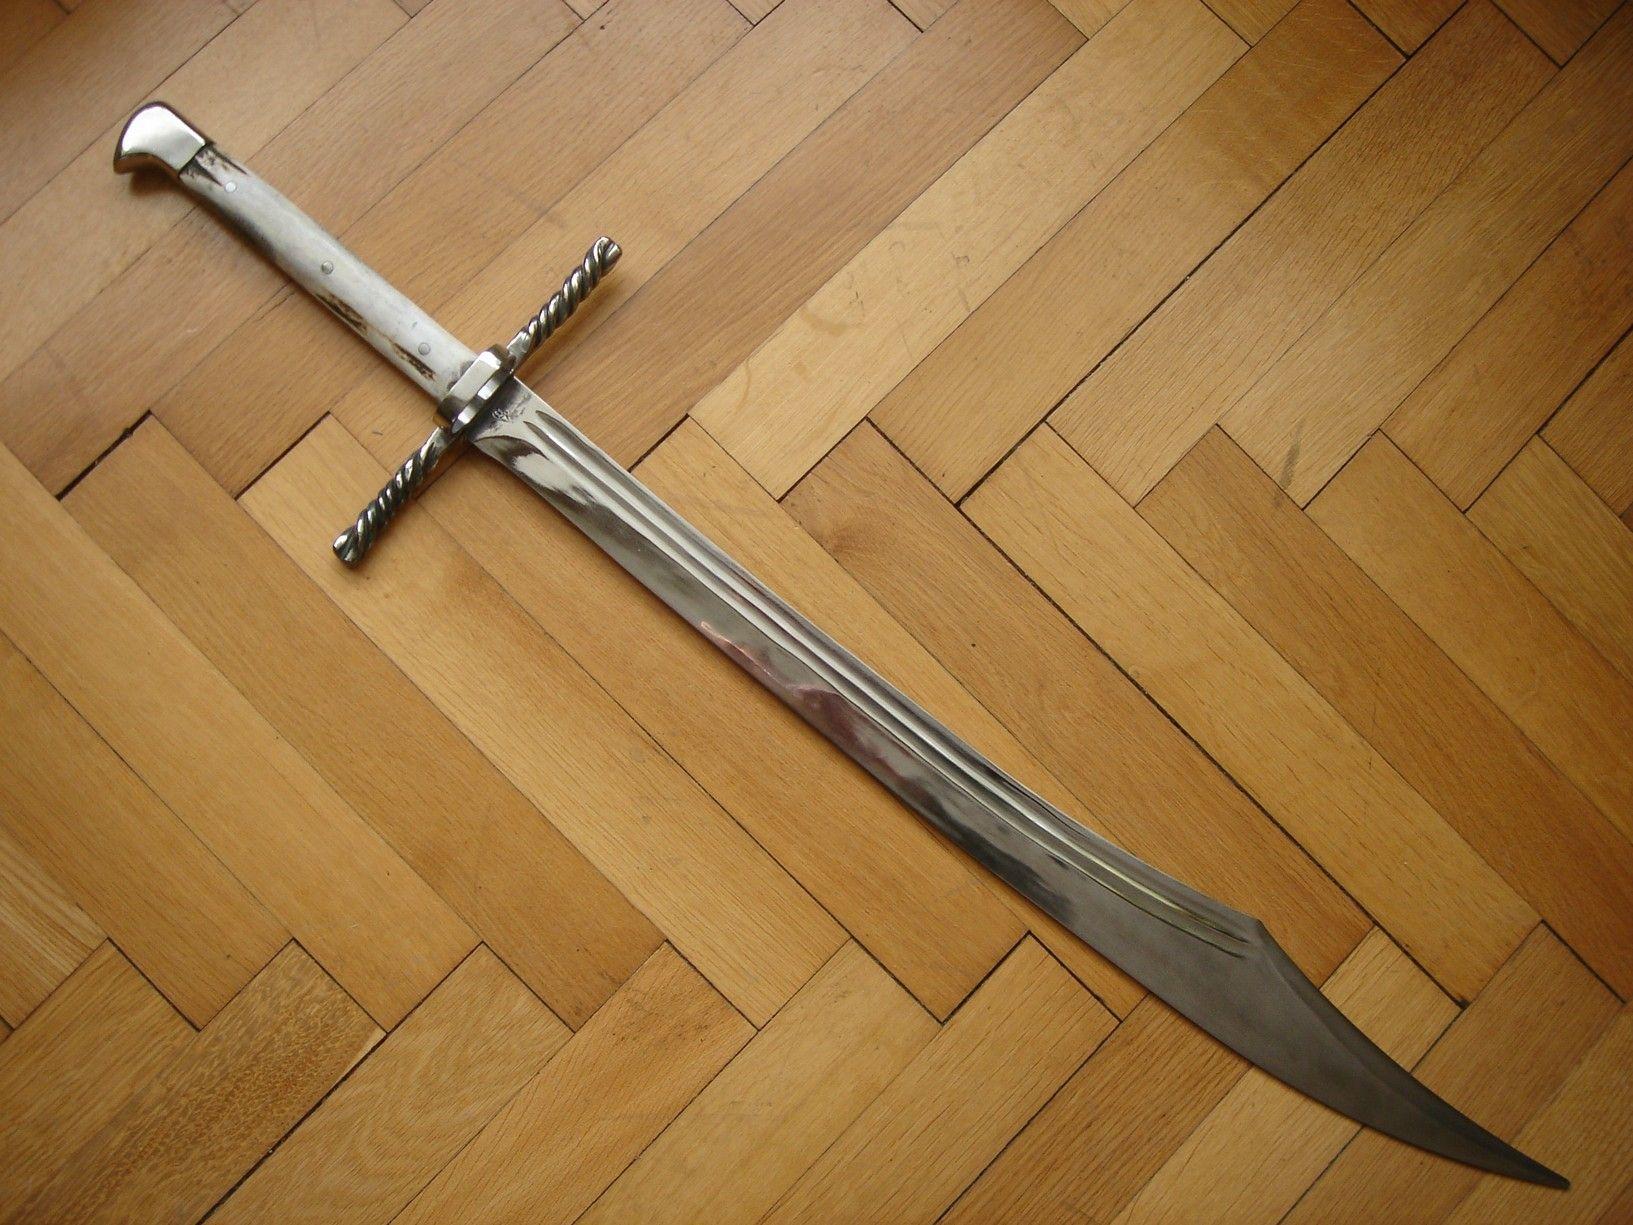 Langes Messer, Bauerwehr